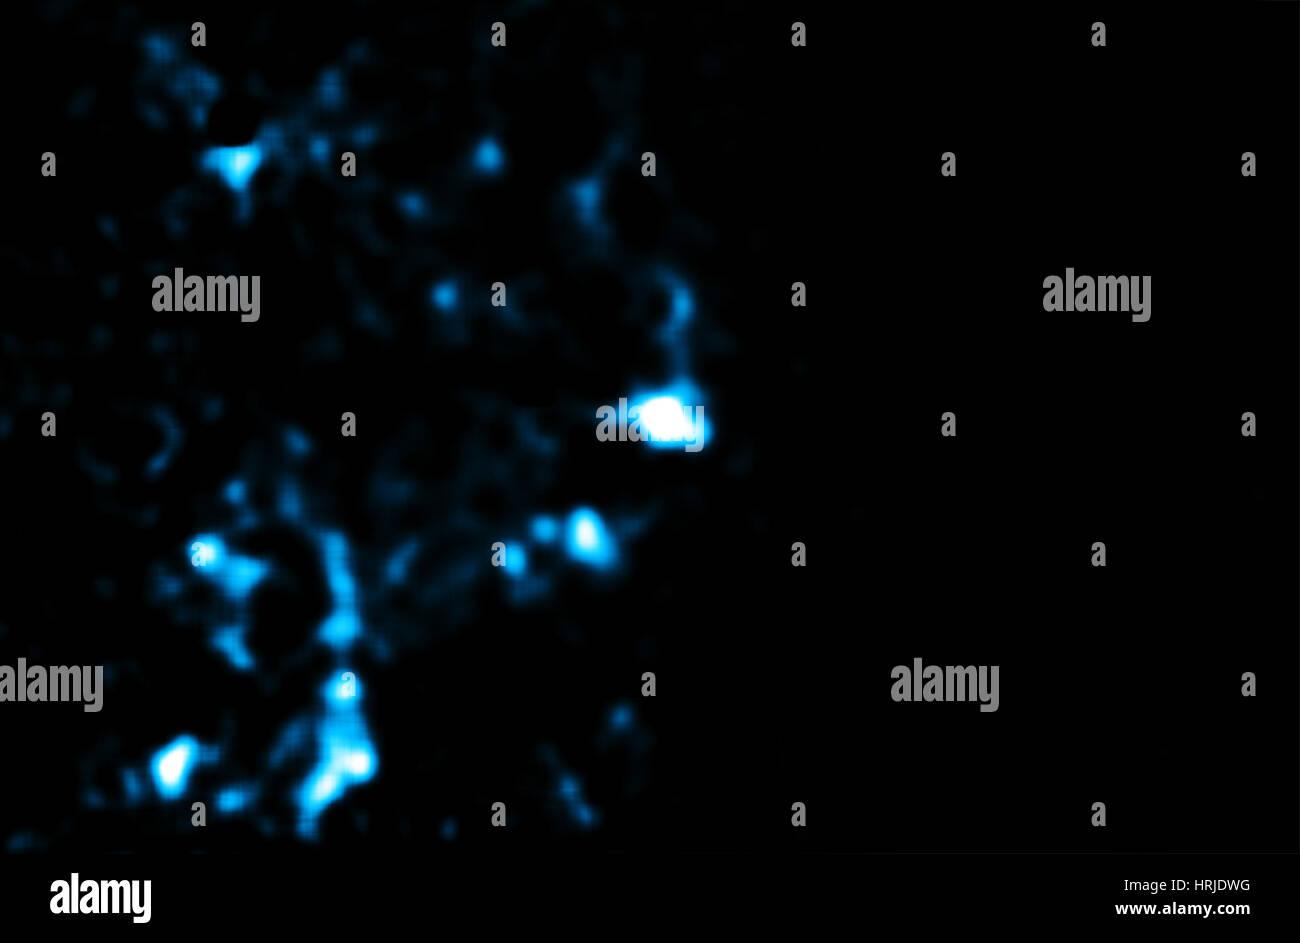 Sagittarius A*, Supermassive Black Hole, 2007 - Stock Image